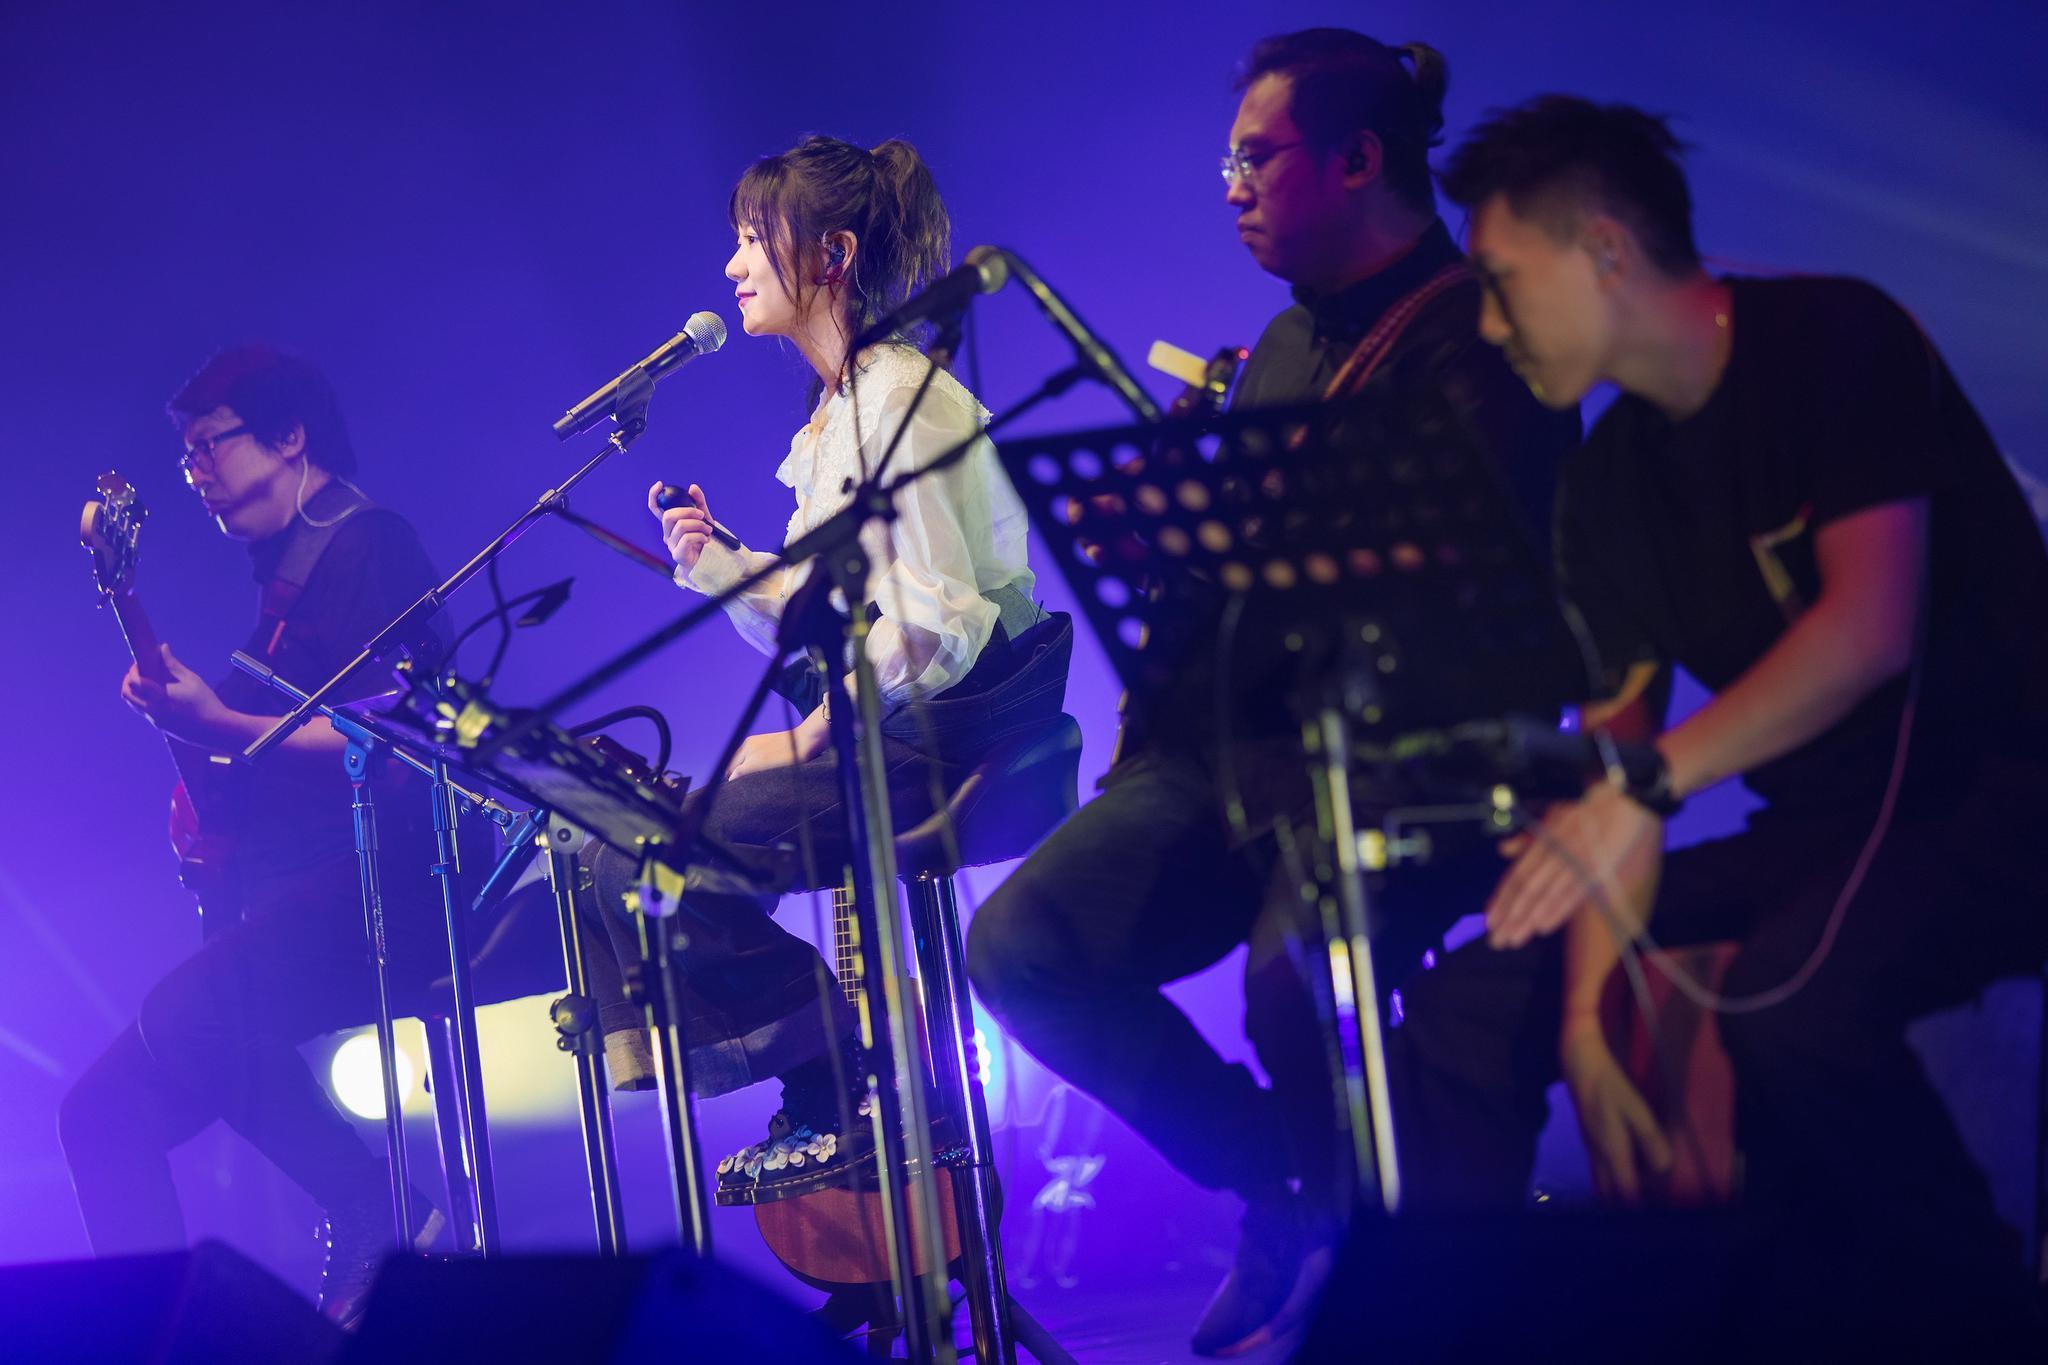 谢春花无声叛逆巡演重庆成都开唱 与歌迷共同见证成长蜕变